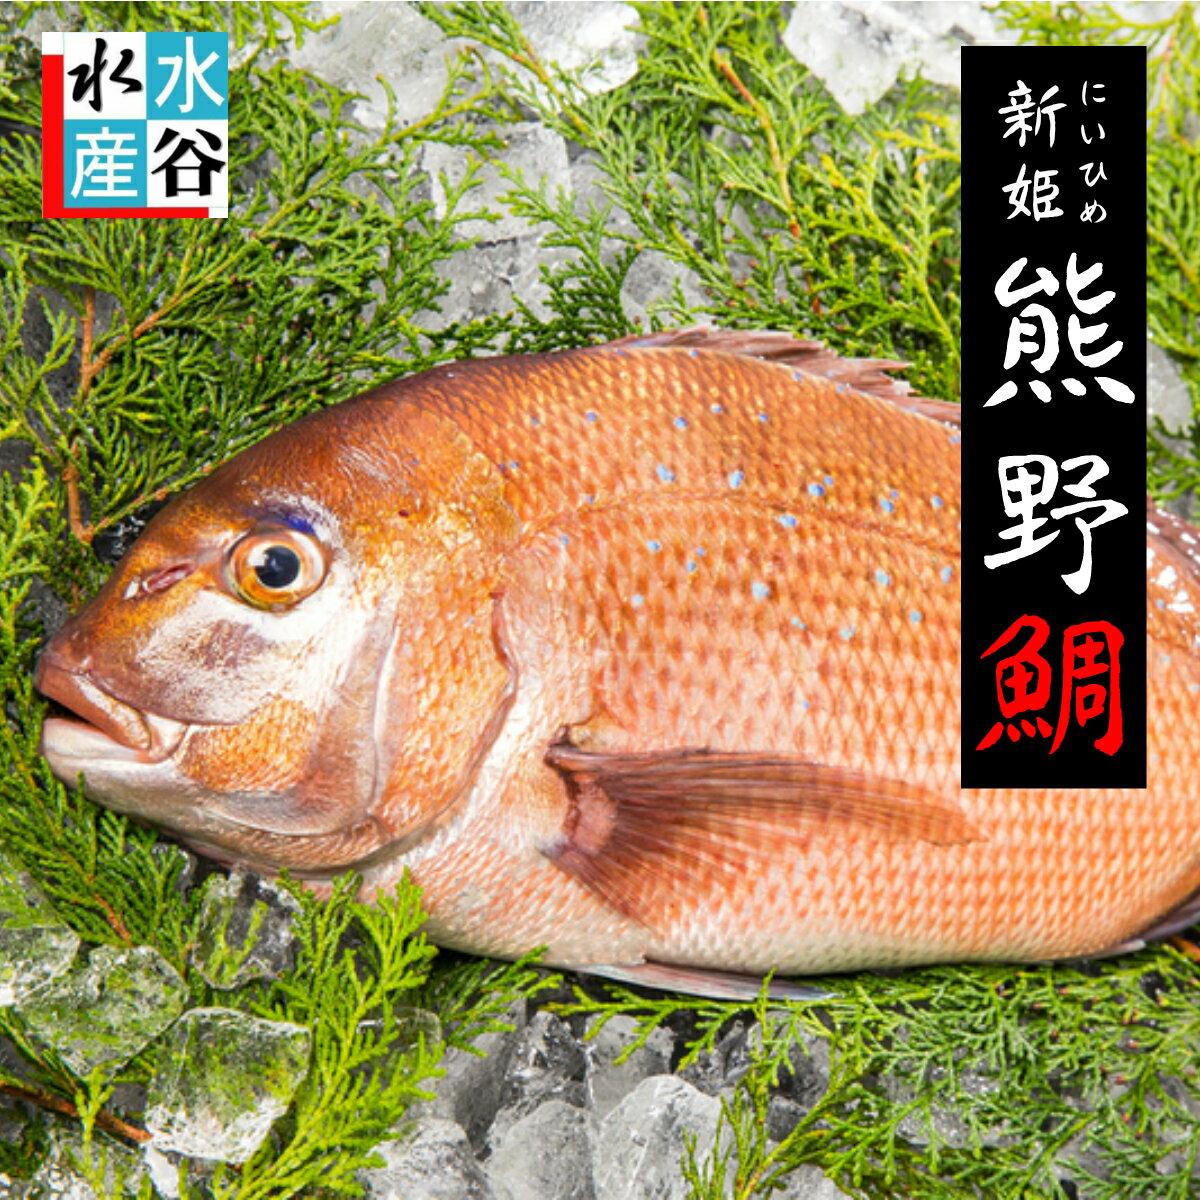 真鯛 活〆 熊野鯛【養殖】お祝い事 お食い初めにもどうぞ♪ お刺身 真ダイ 鯛 姿造り 鯛しゃぶ タイの塩焼き